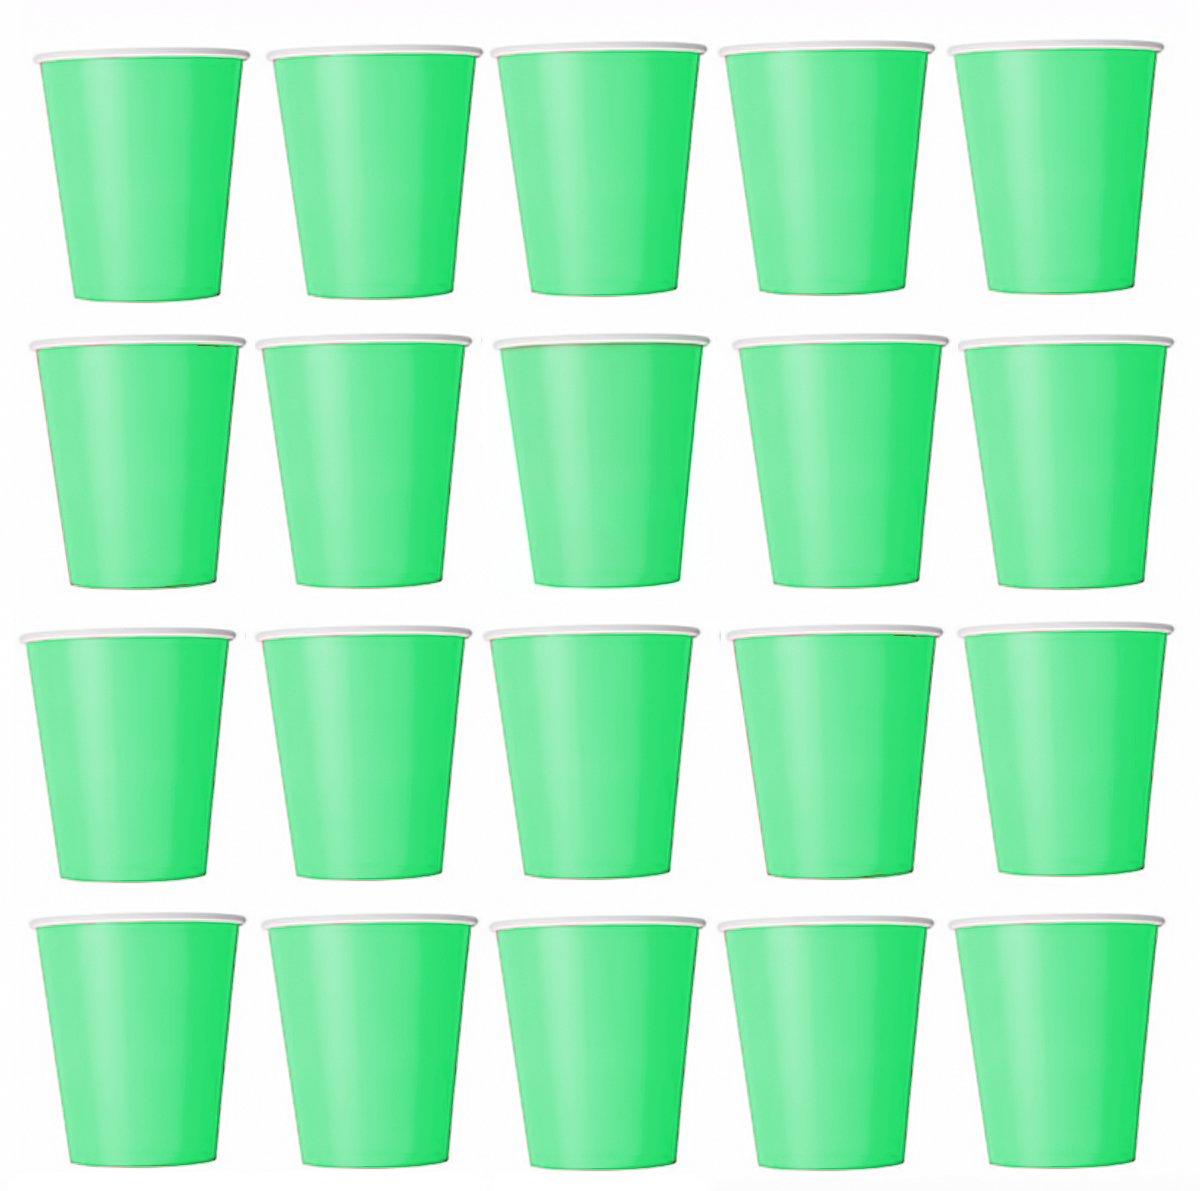 partido bodas Jard/ín cumplea/ños 50/x Vasos verde claro vasos desechables para bebidas fr/ías y bebidas calientes de cart/ón respetuoso con el medio ambiente Taza de caf/é barbacoas picnic